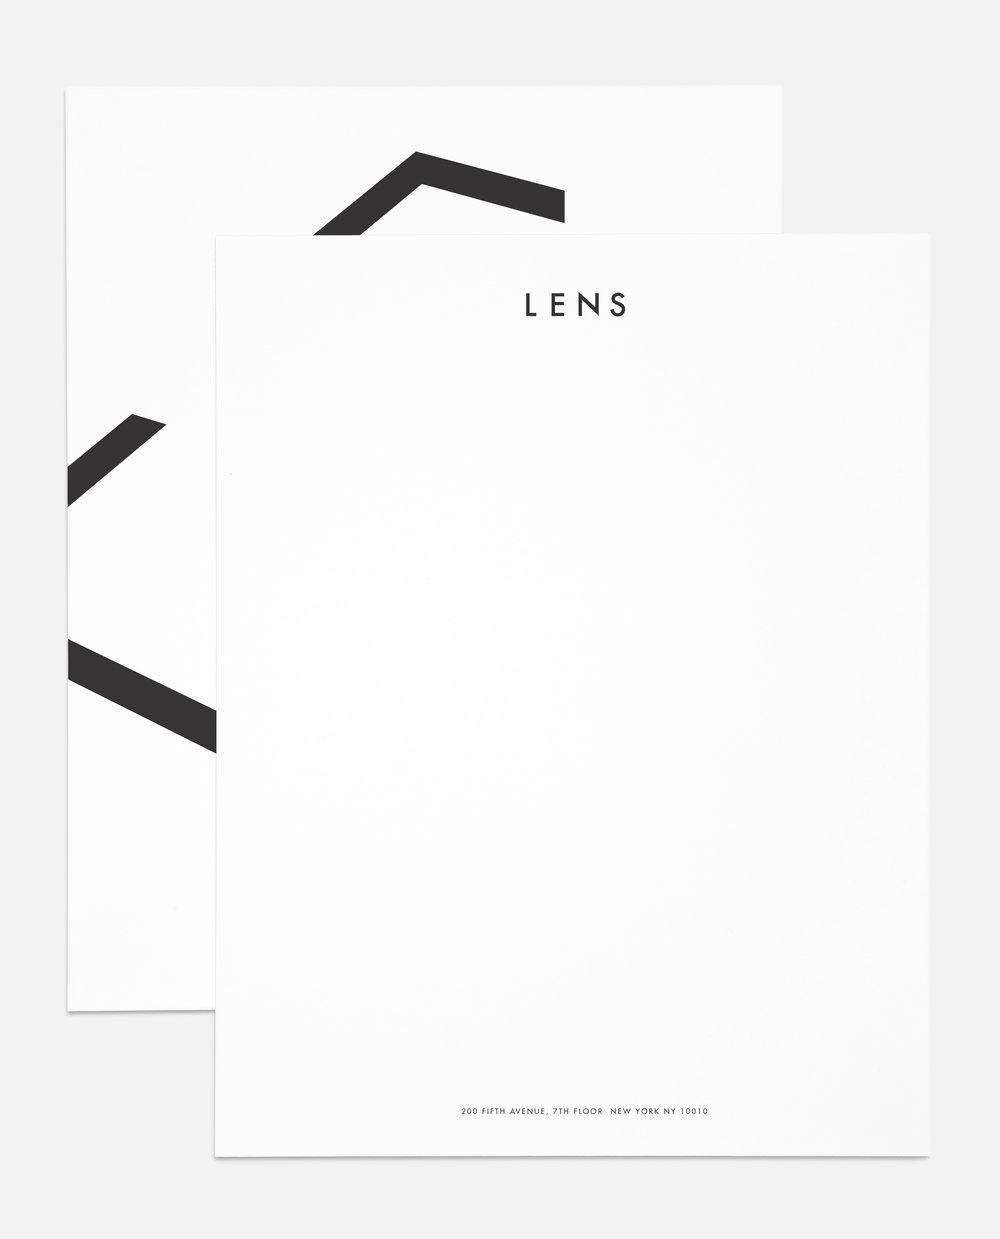 #img #lens #identity #logo #typography #jimkaemmerling